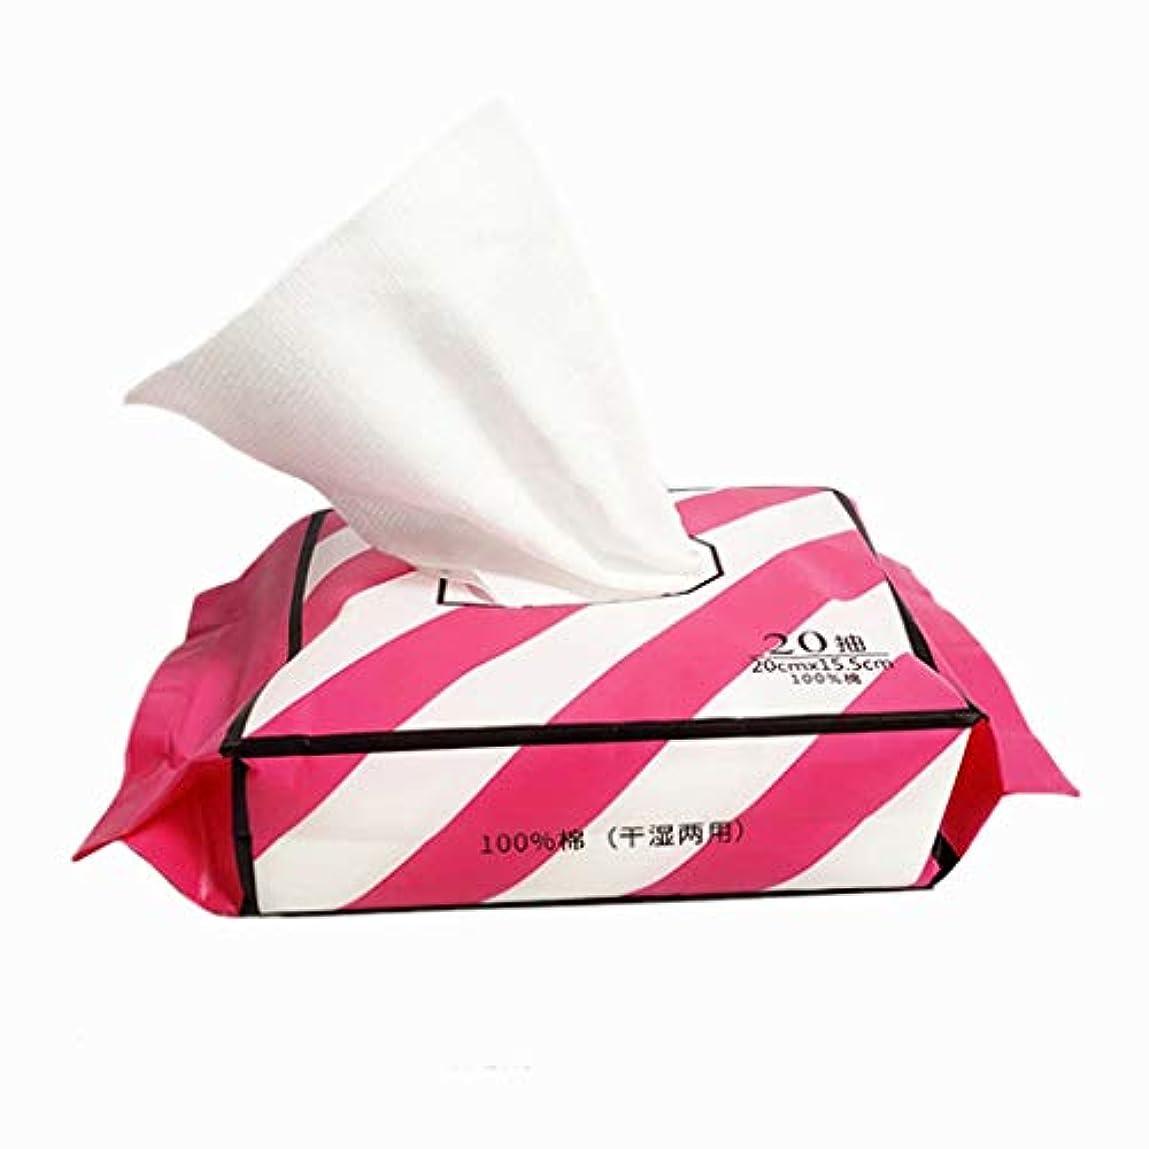 バリー病的コーナーポータブル旅行フェイスタオル、女子学生のメイクアップリムーバーコットンパッド、クリーニングウォッシュ顔使い捨て綿タオルネイル (Size : 20 pieces/bag)